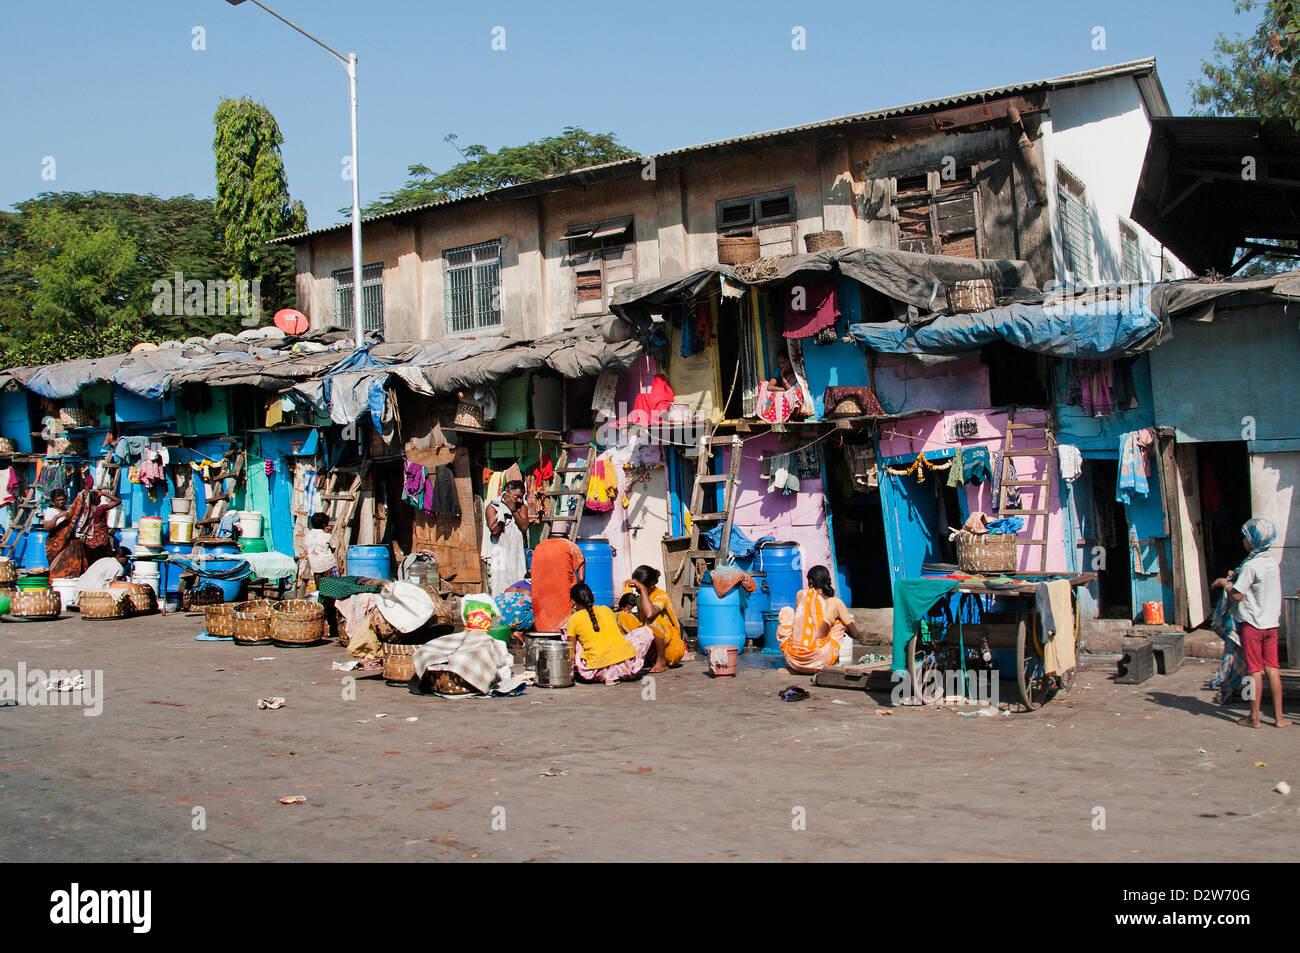 La pauvreté des personnes pauvres des bidonvilles de Mumbai ( Bombay ) l'Inde Photo Stock